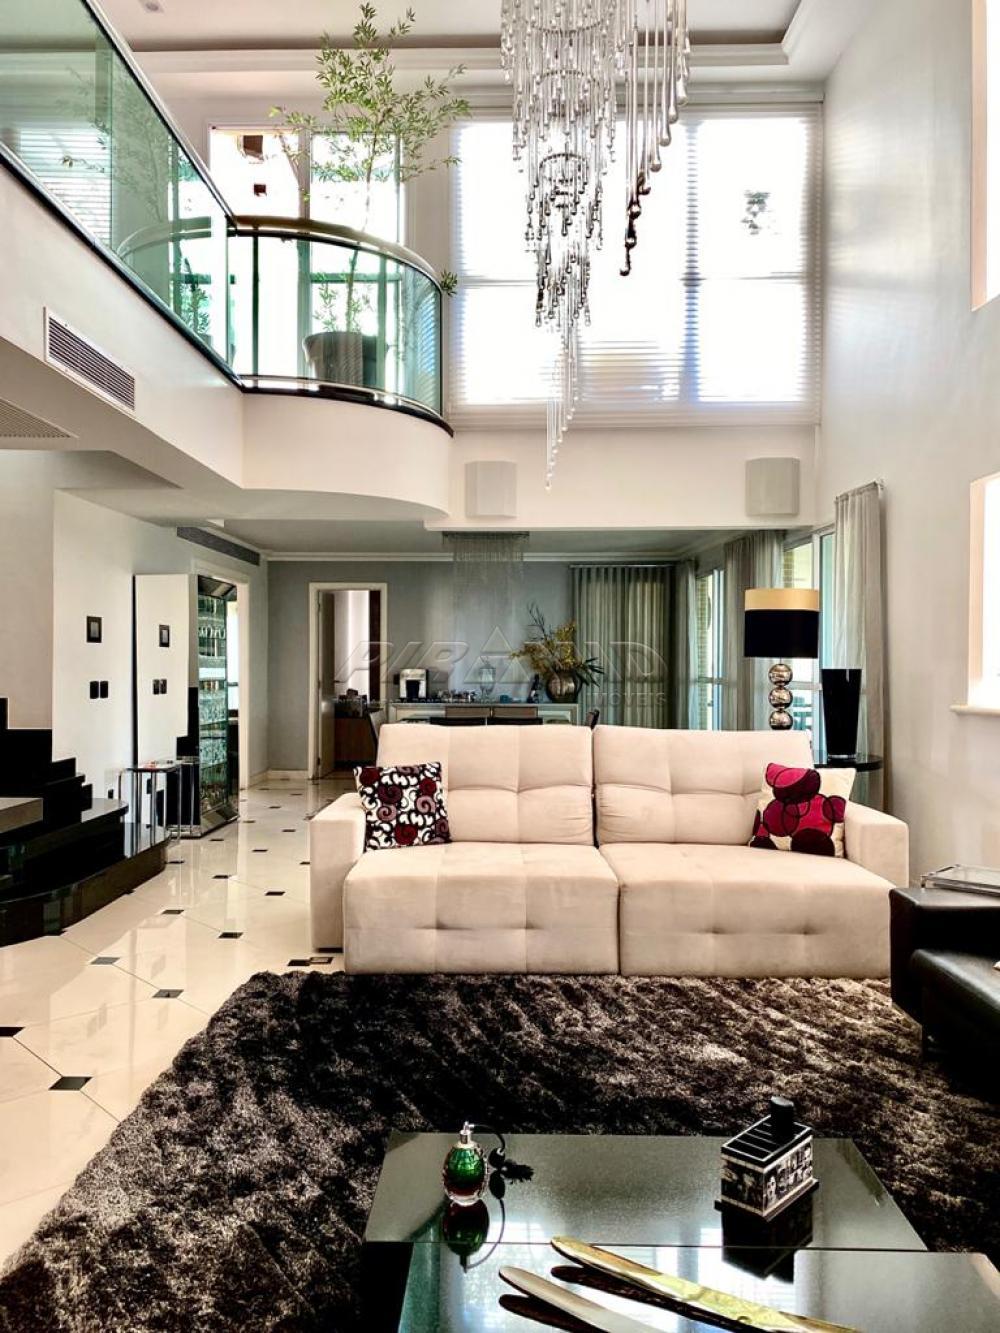 Comprar Apartamento / Cobertura em Ribeirão Preto apenas R$ 2.300.000,00 - Foto 2